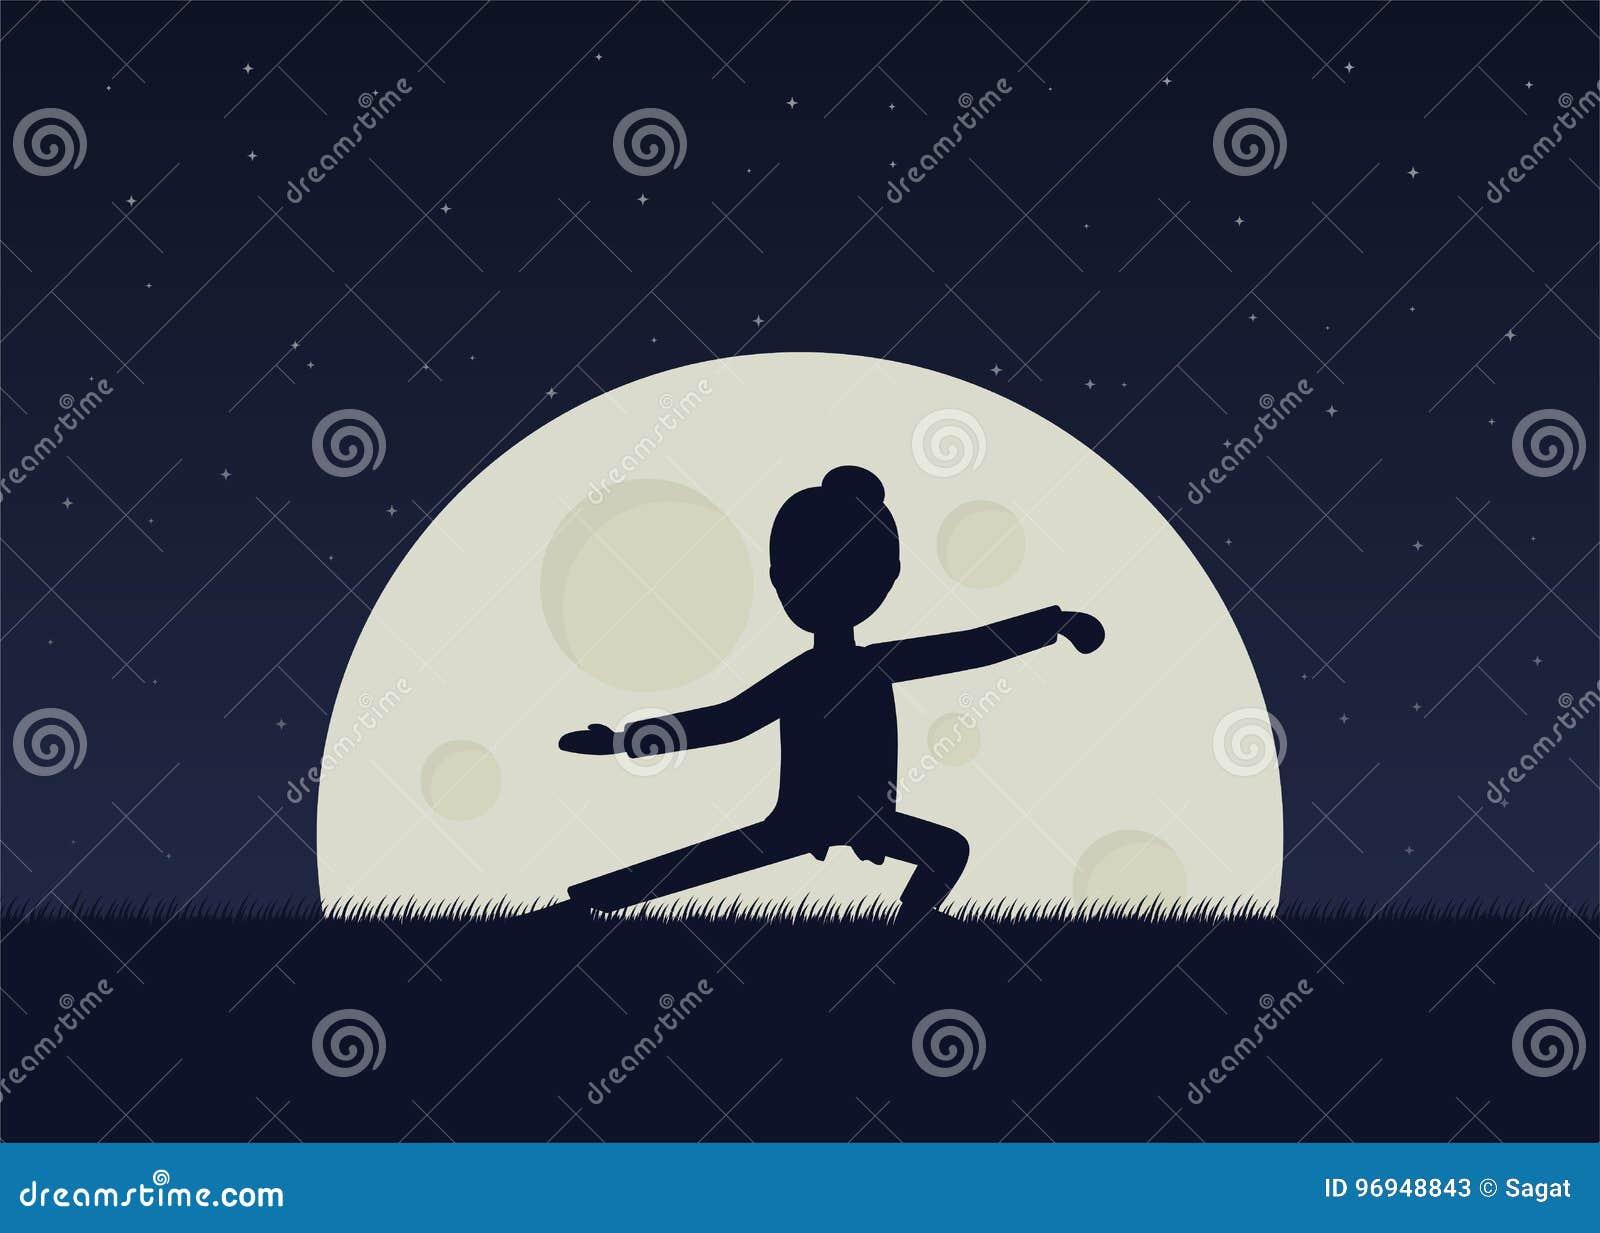 Fille qigong de exécution ou exercices taijiquan le soir